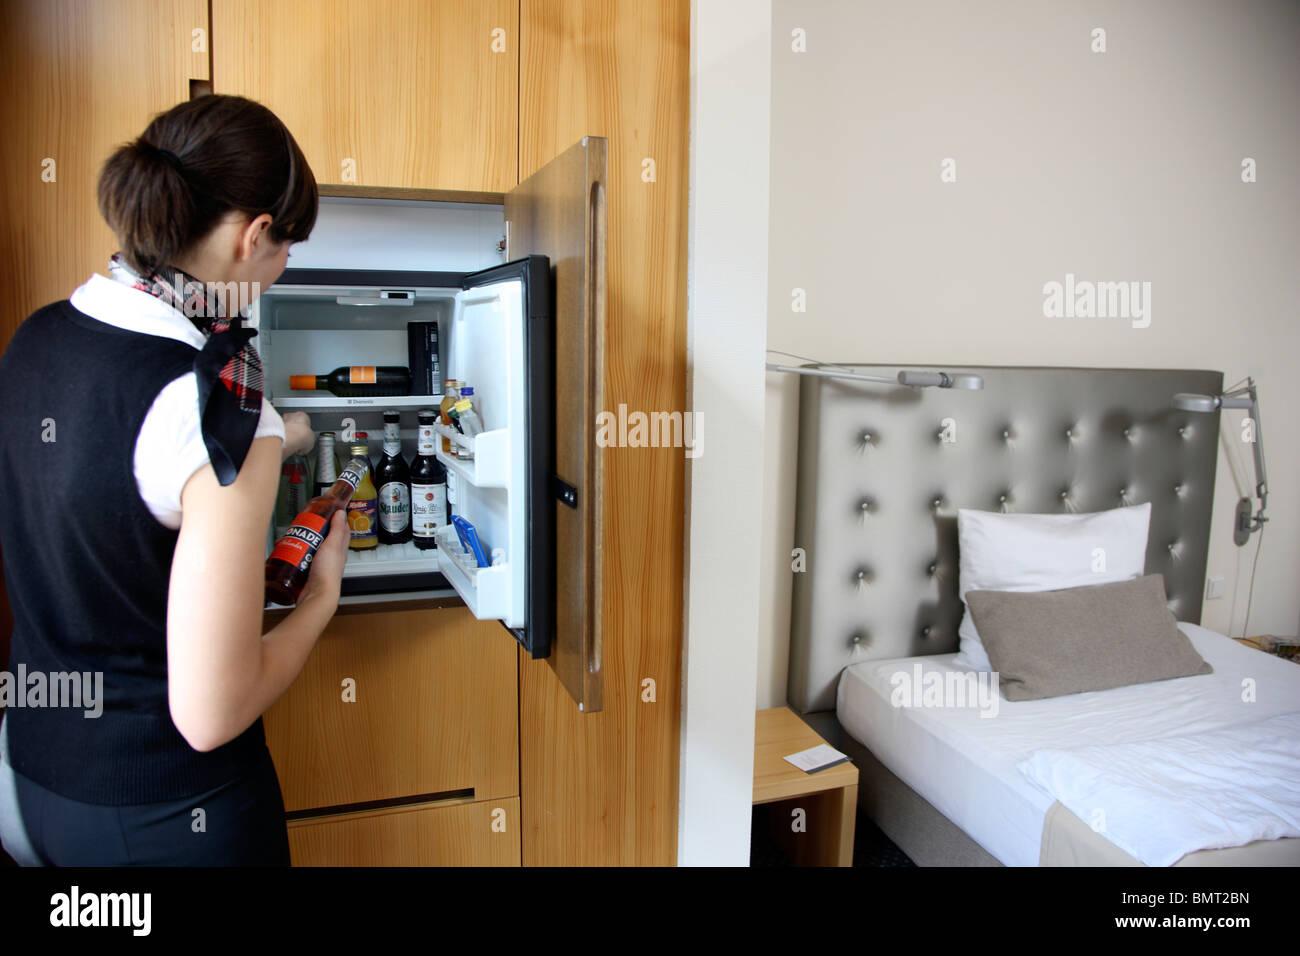 Kleiner Kühlschrank Im Hotelzimmer : Hotel mini bar fridge stockfotos & hotel mini bar fridge bilder alamy